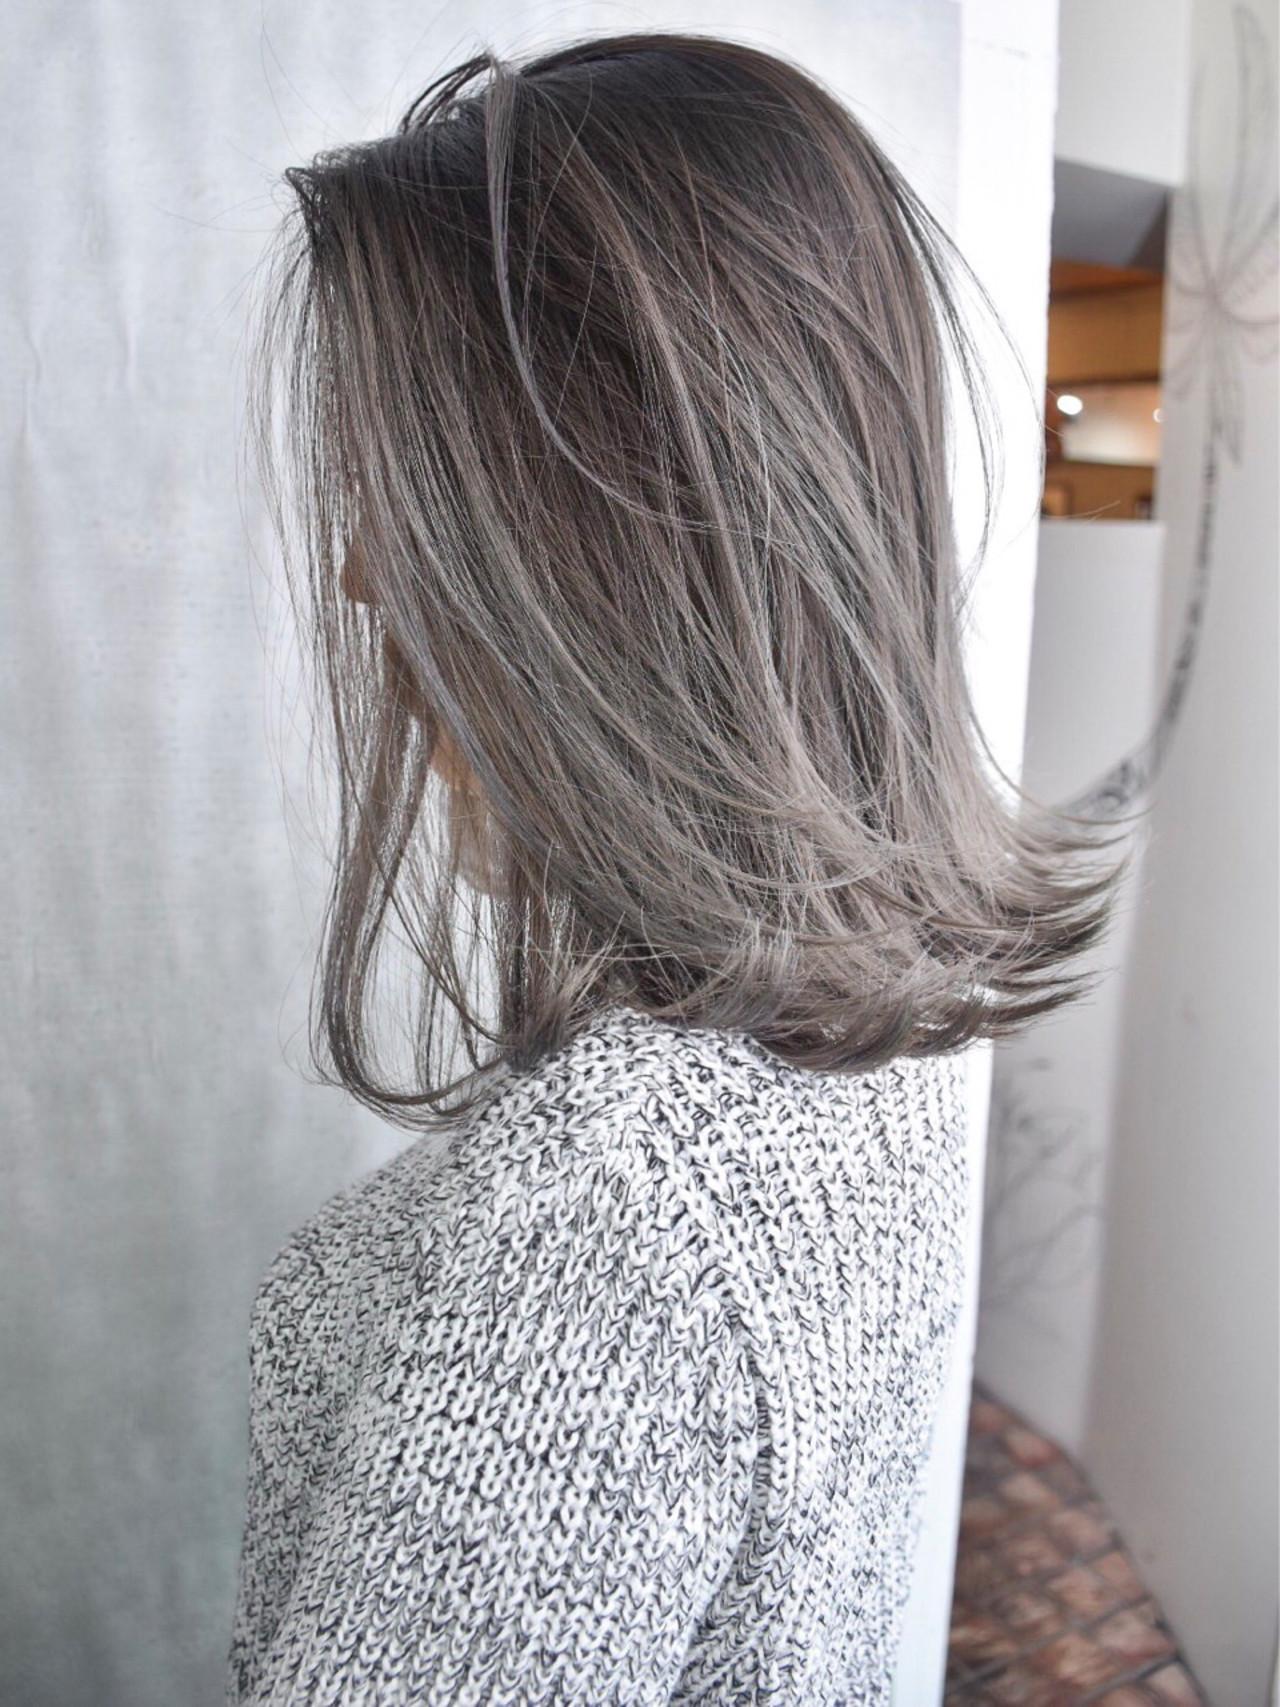 ミディアム 外国人風 外国人風カラー バレイヤージュ ヘアスタイルや髪型の写真・画像 | 池谷 翔平 / ANGELICA原宿